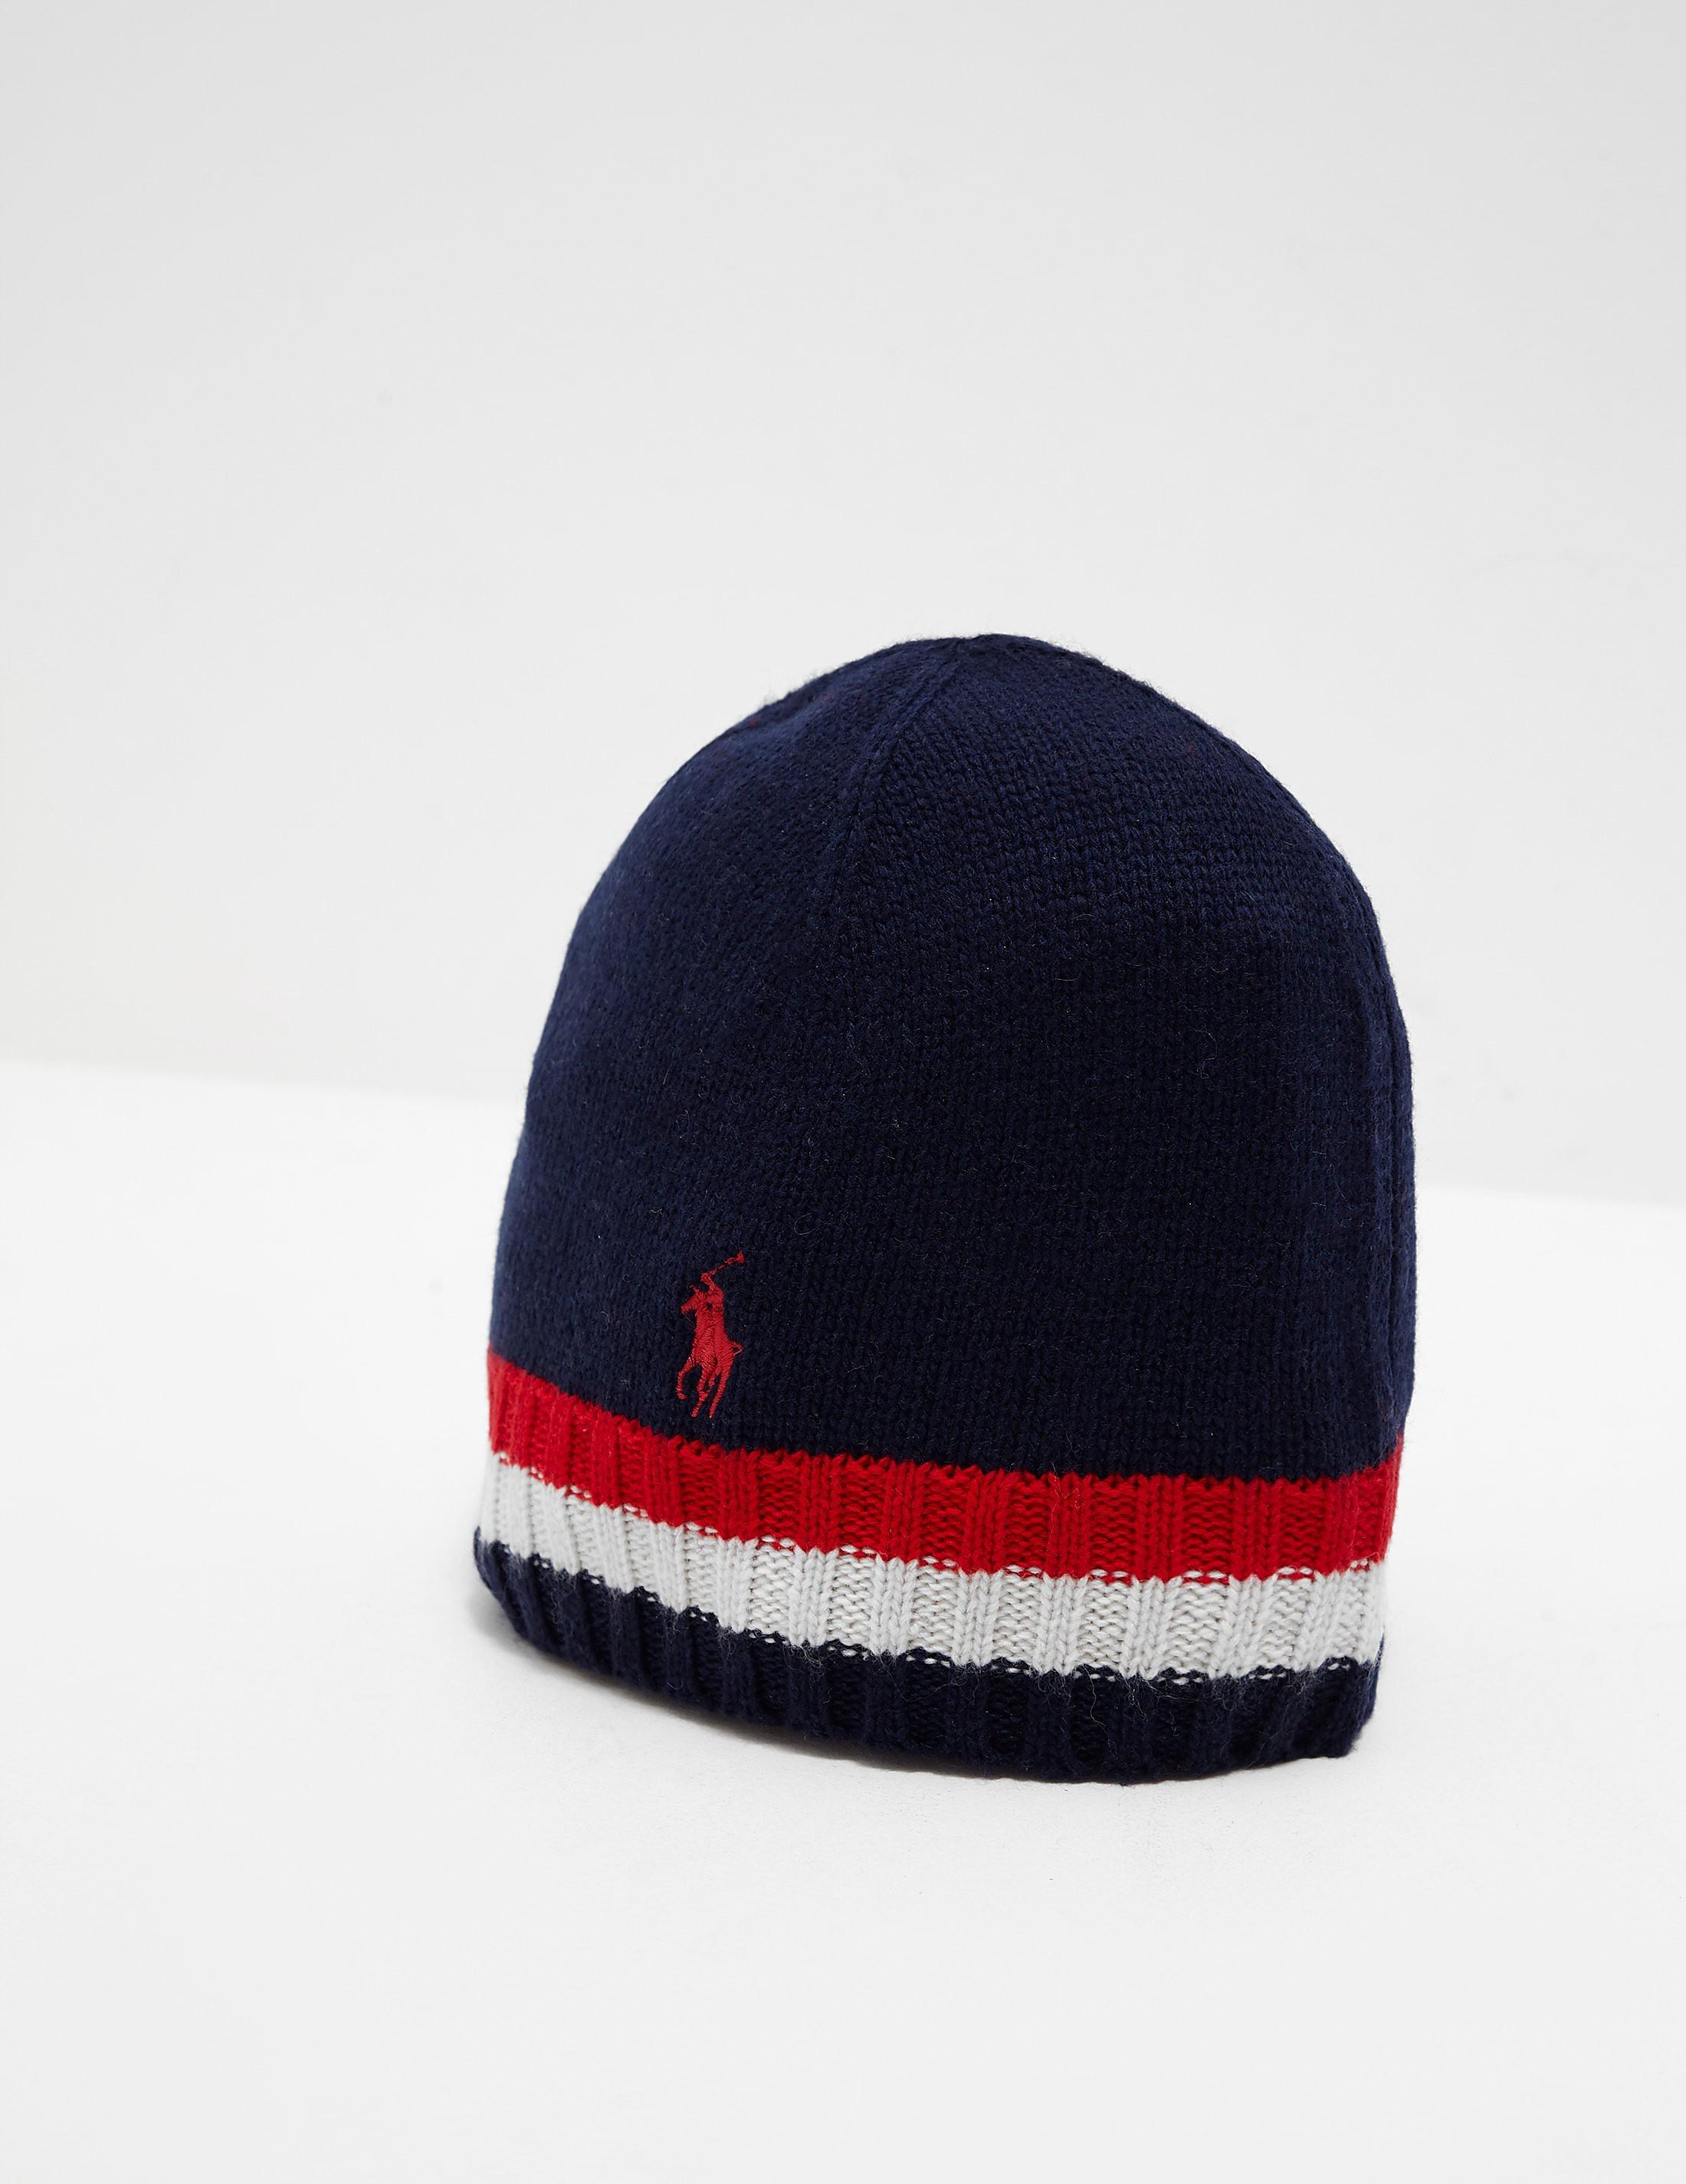 b5d44834ddb85 Mens Polo Ralph Lauren Flag Beanie Navy blue